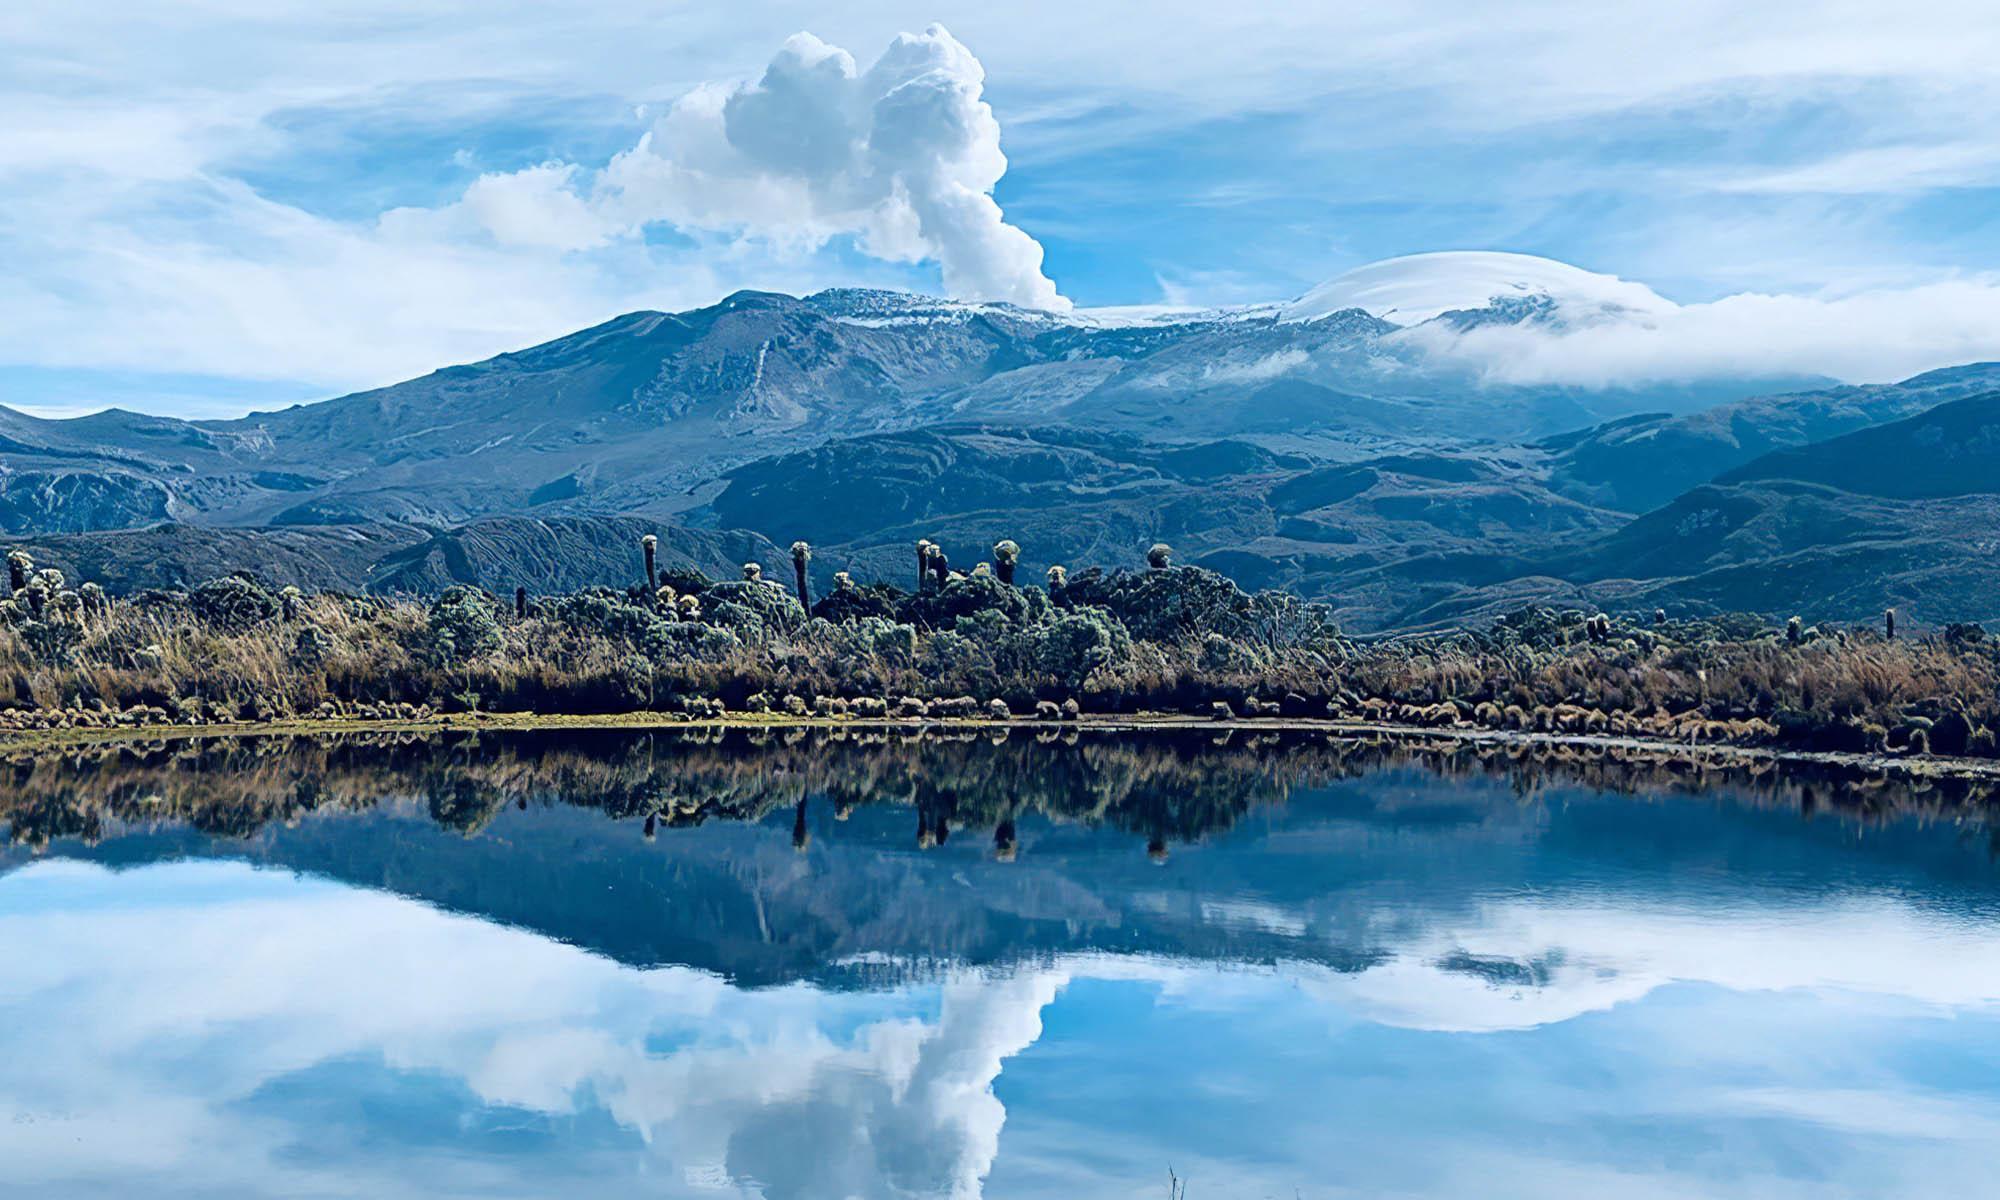 Volcan d'Amérique du Sud